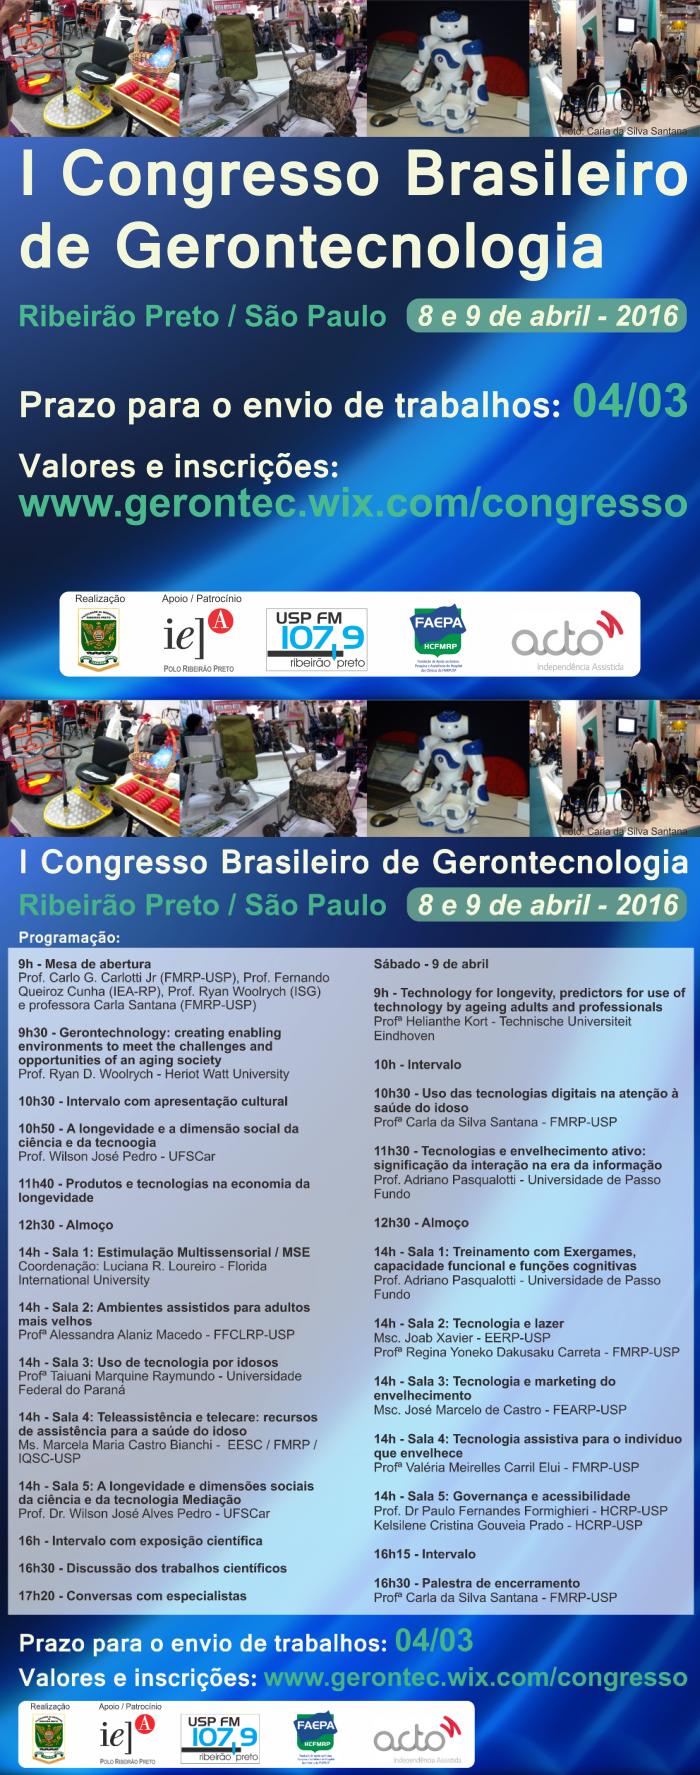 I Congresso Brasileiro de Gerontecnologia